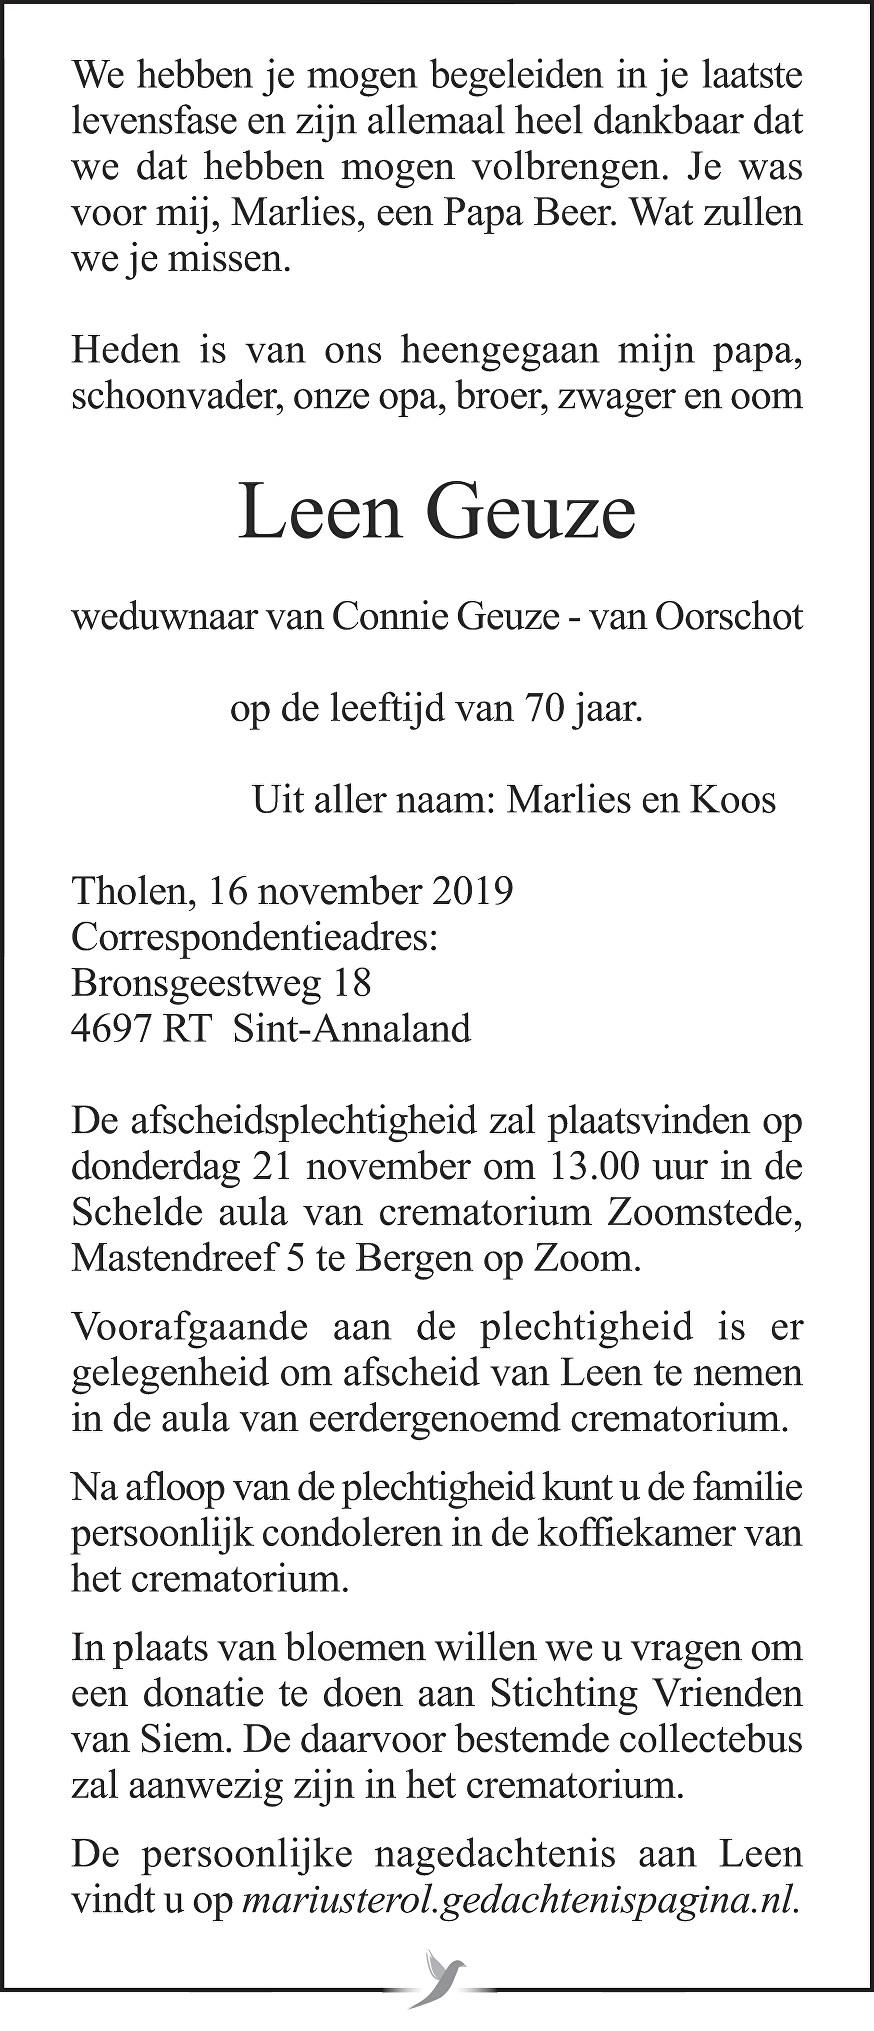 Leen Geuze Death notice